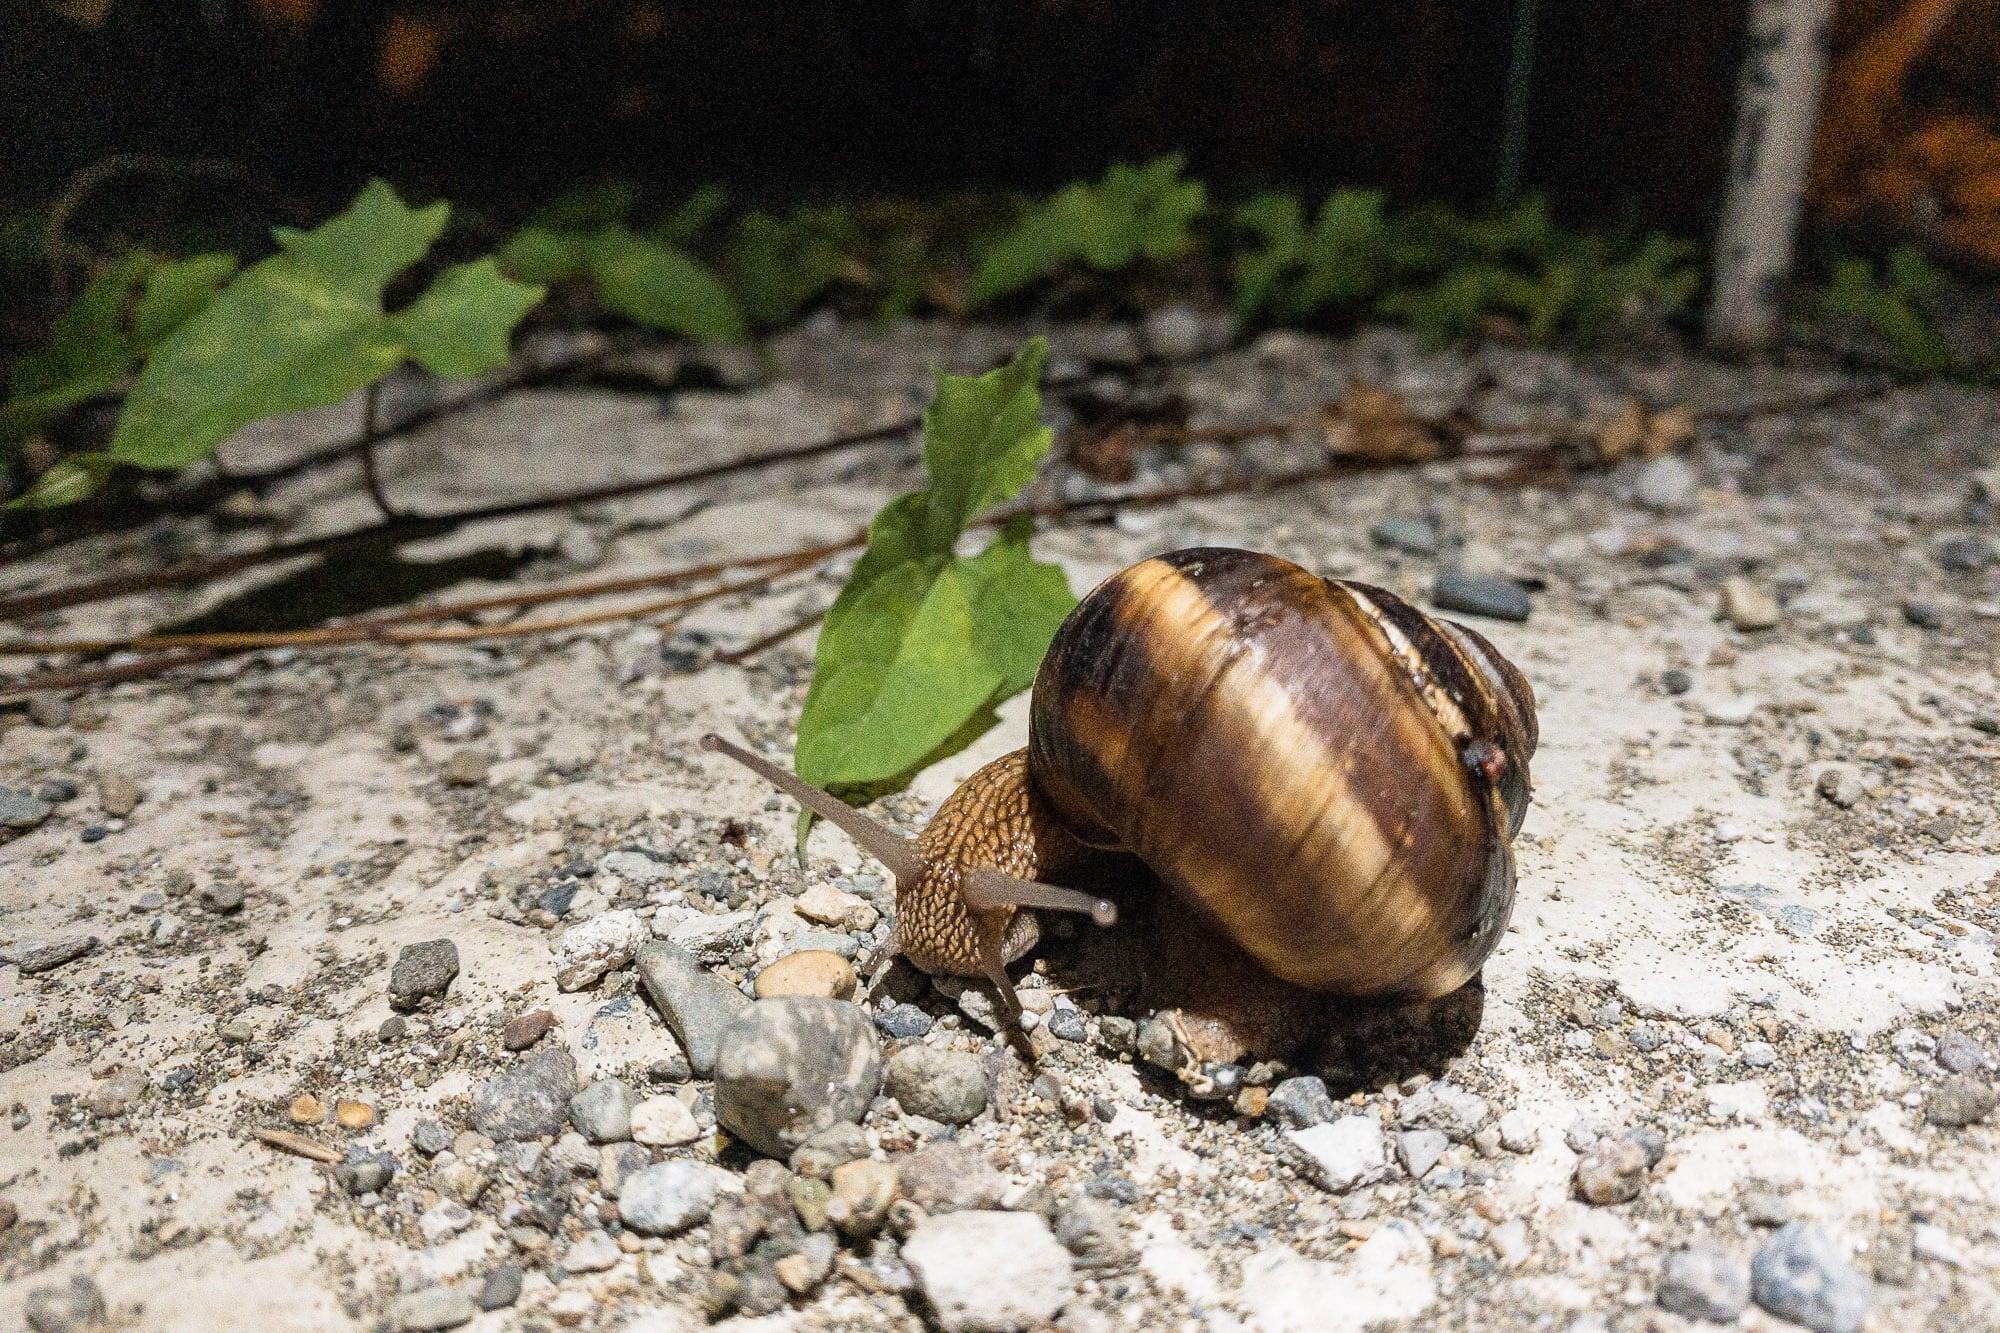 snailbro